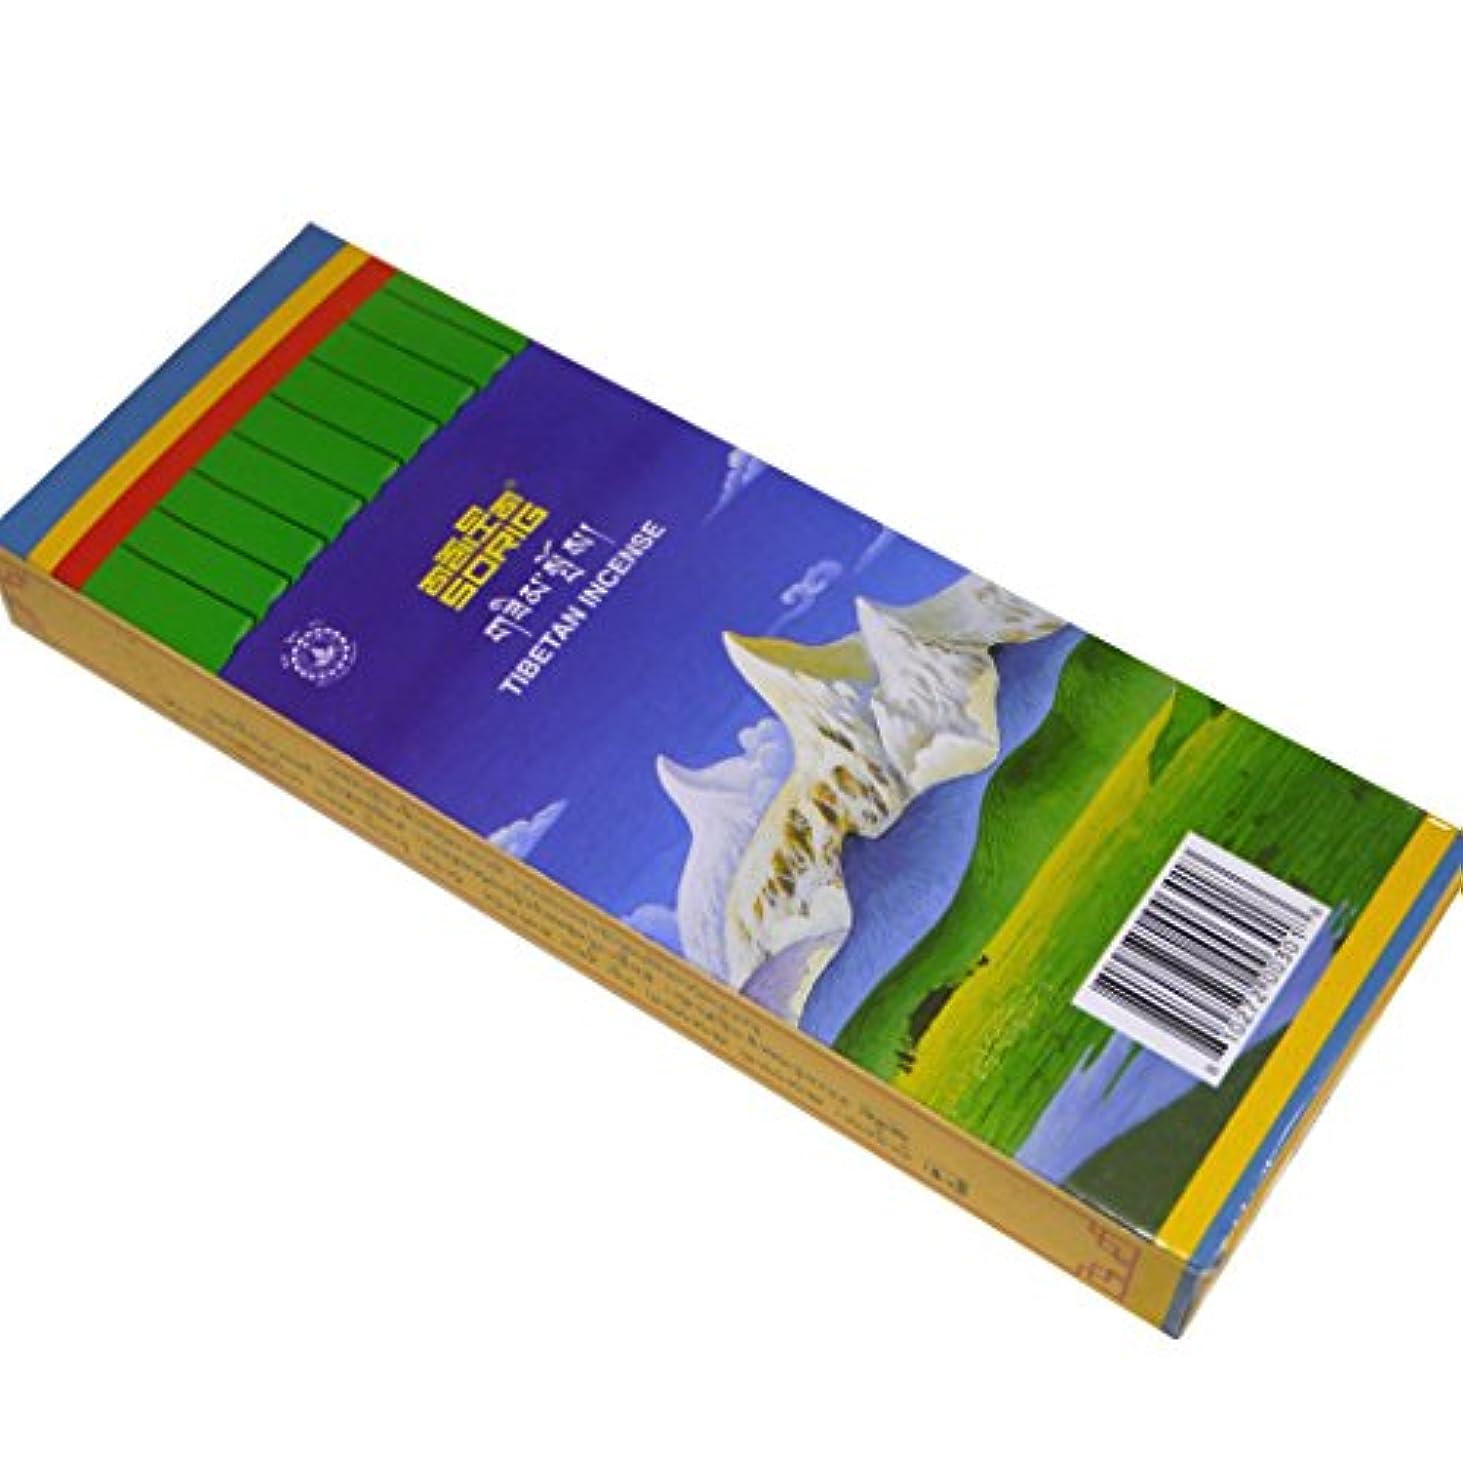 かご新年一時停止メンツィーカン チベット医学暦法研究所メンツィーカンのお香【SORIGソリグ ビッグ】